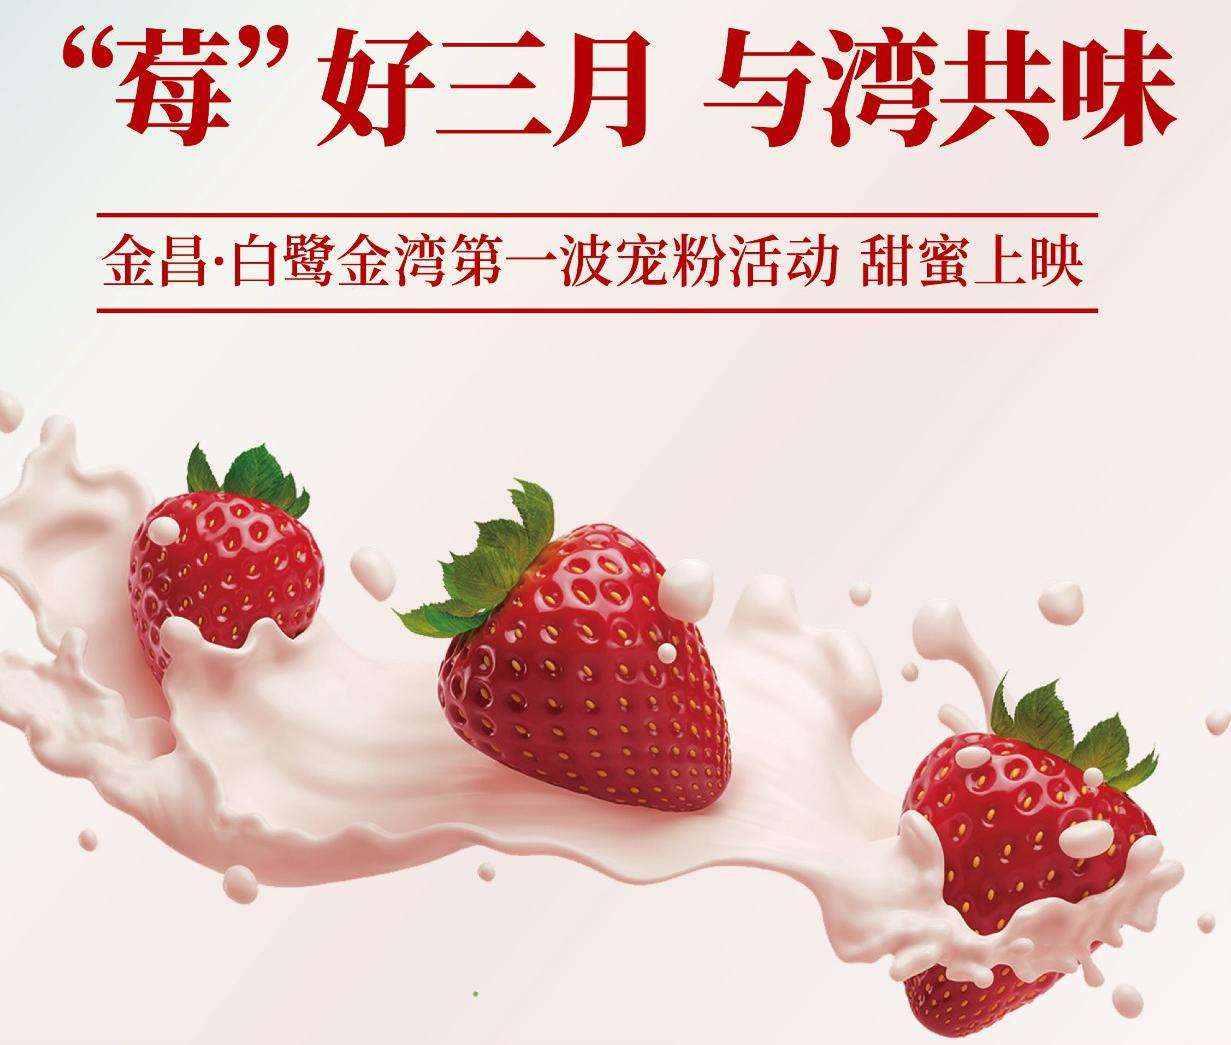 金昌·白鹭金湾丨草莓礼包免费派送!